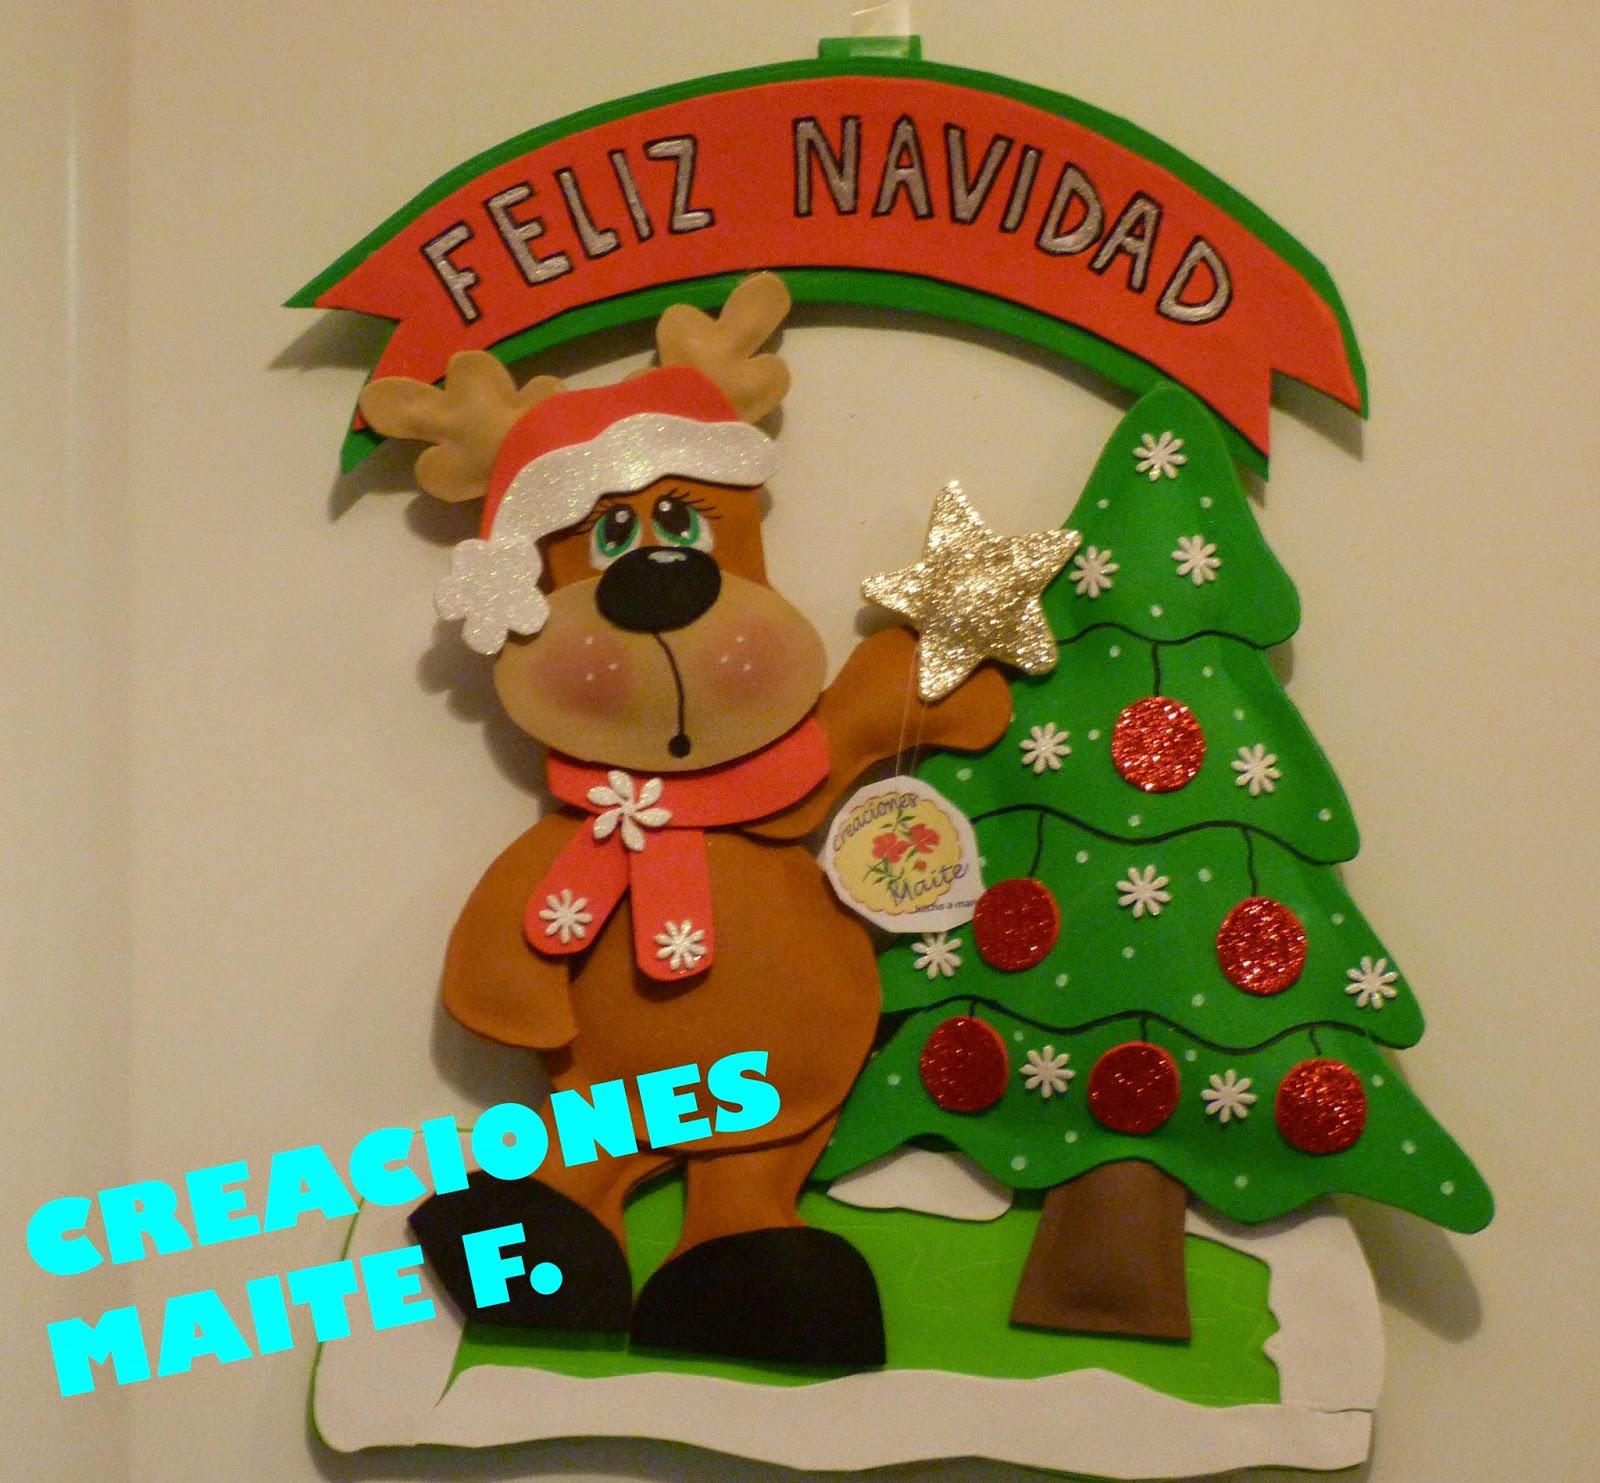 Fofuchas manualidades y creaciones maite cartel navidad - Manualidades para navidades ...